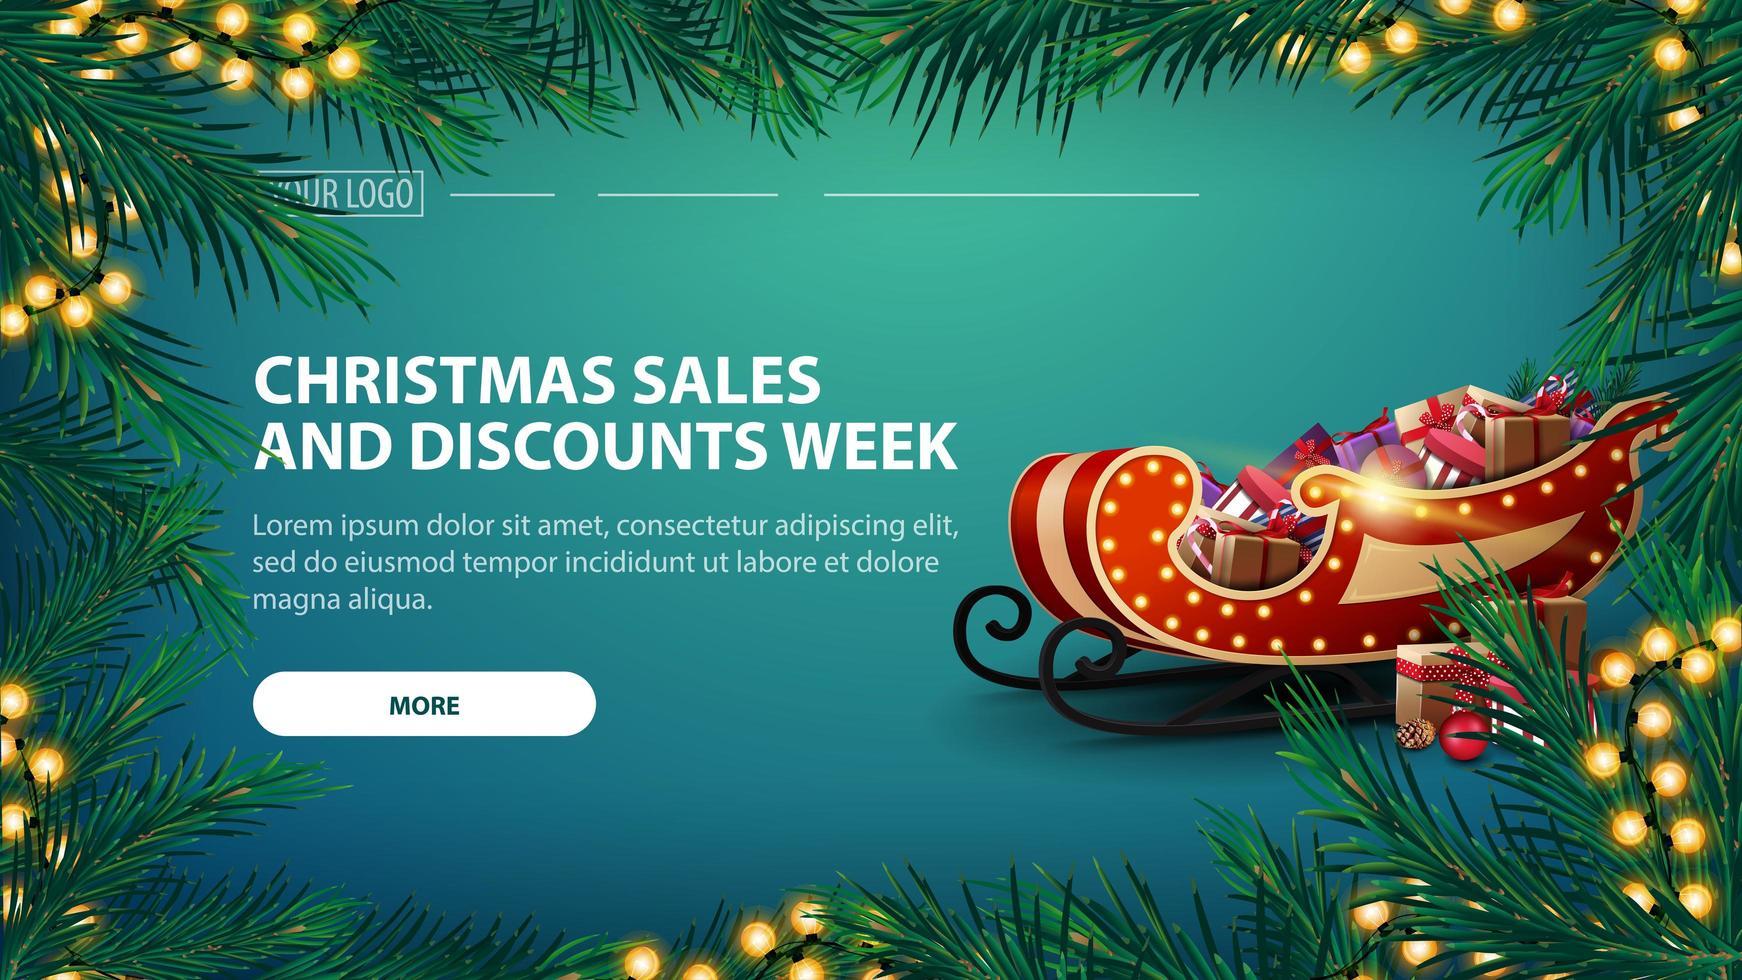 julförsäljning och rabattvecka, grön banner med krans av tallgrenar med gul krans och jultomten med presenter vektor